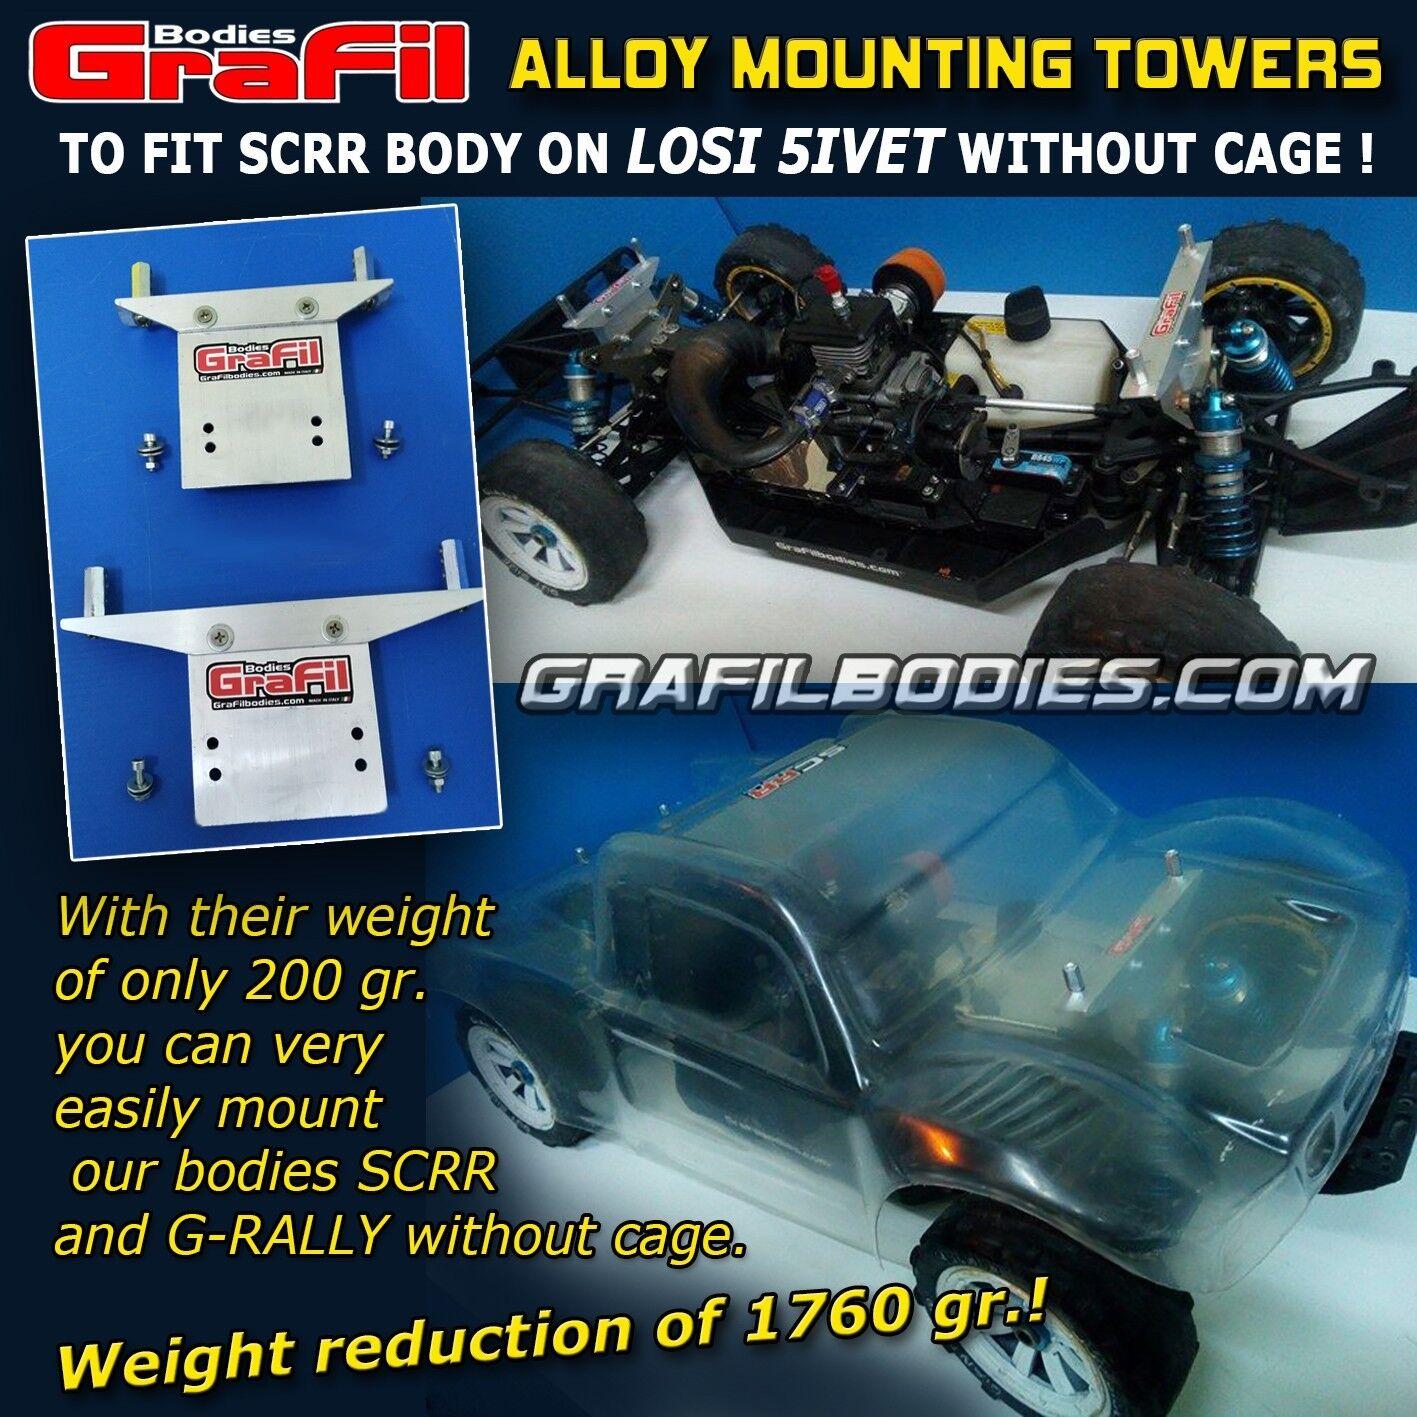 LOSI 5iveT -   tuttiOY MOUNTING TOWERS  kit to fit easily the  SCRR  GraFil corpo   per il tuo stile di gioco ai prezzi più bassi